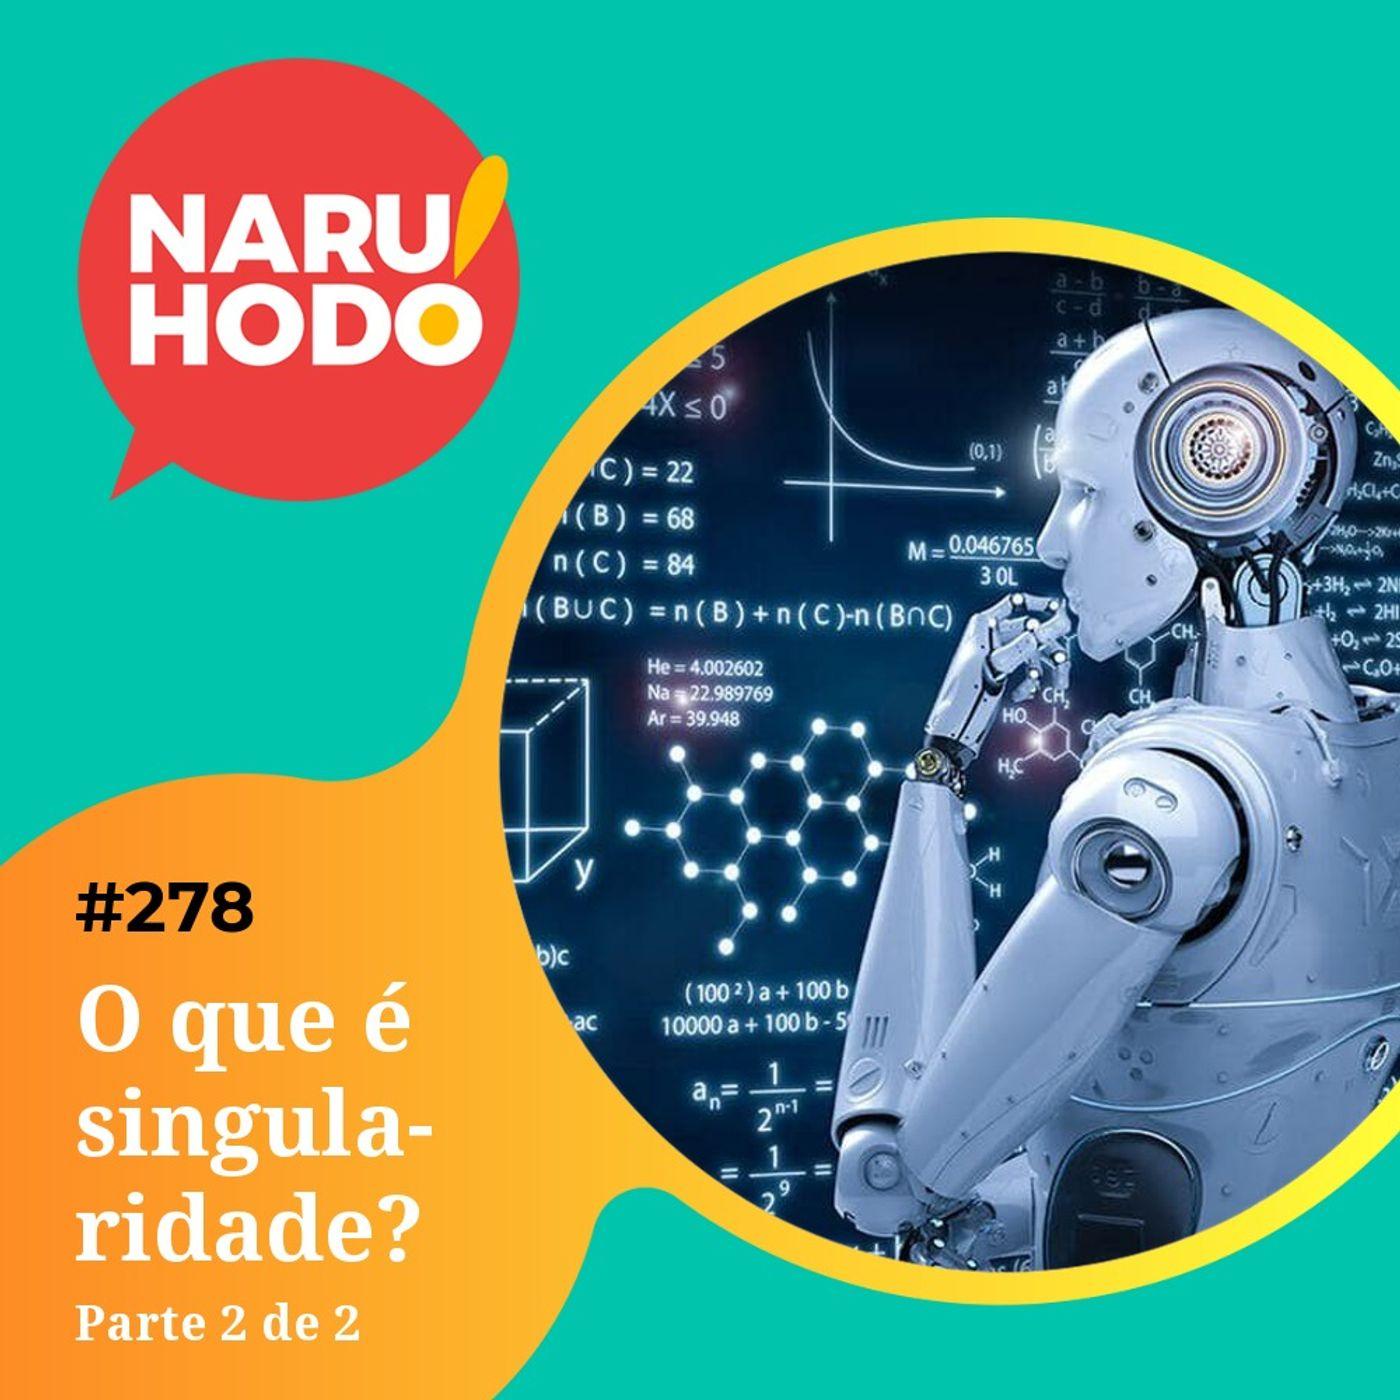 Naruhodo #278 - O que é singularidade? - Parte 2 de 2